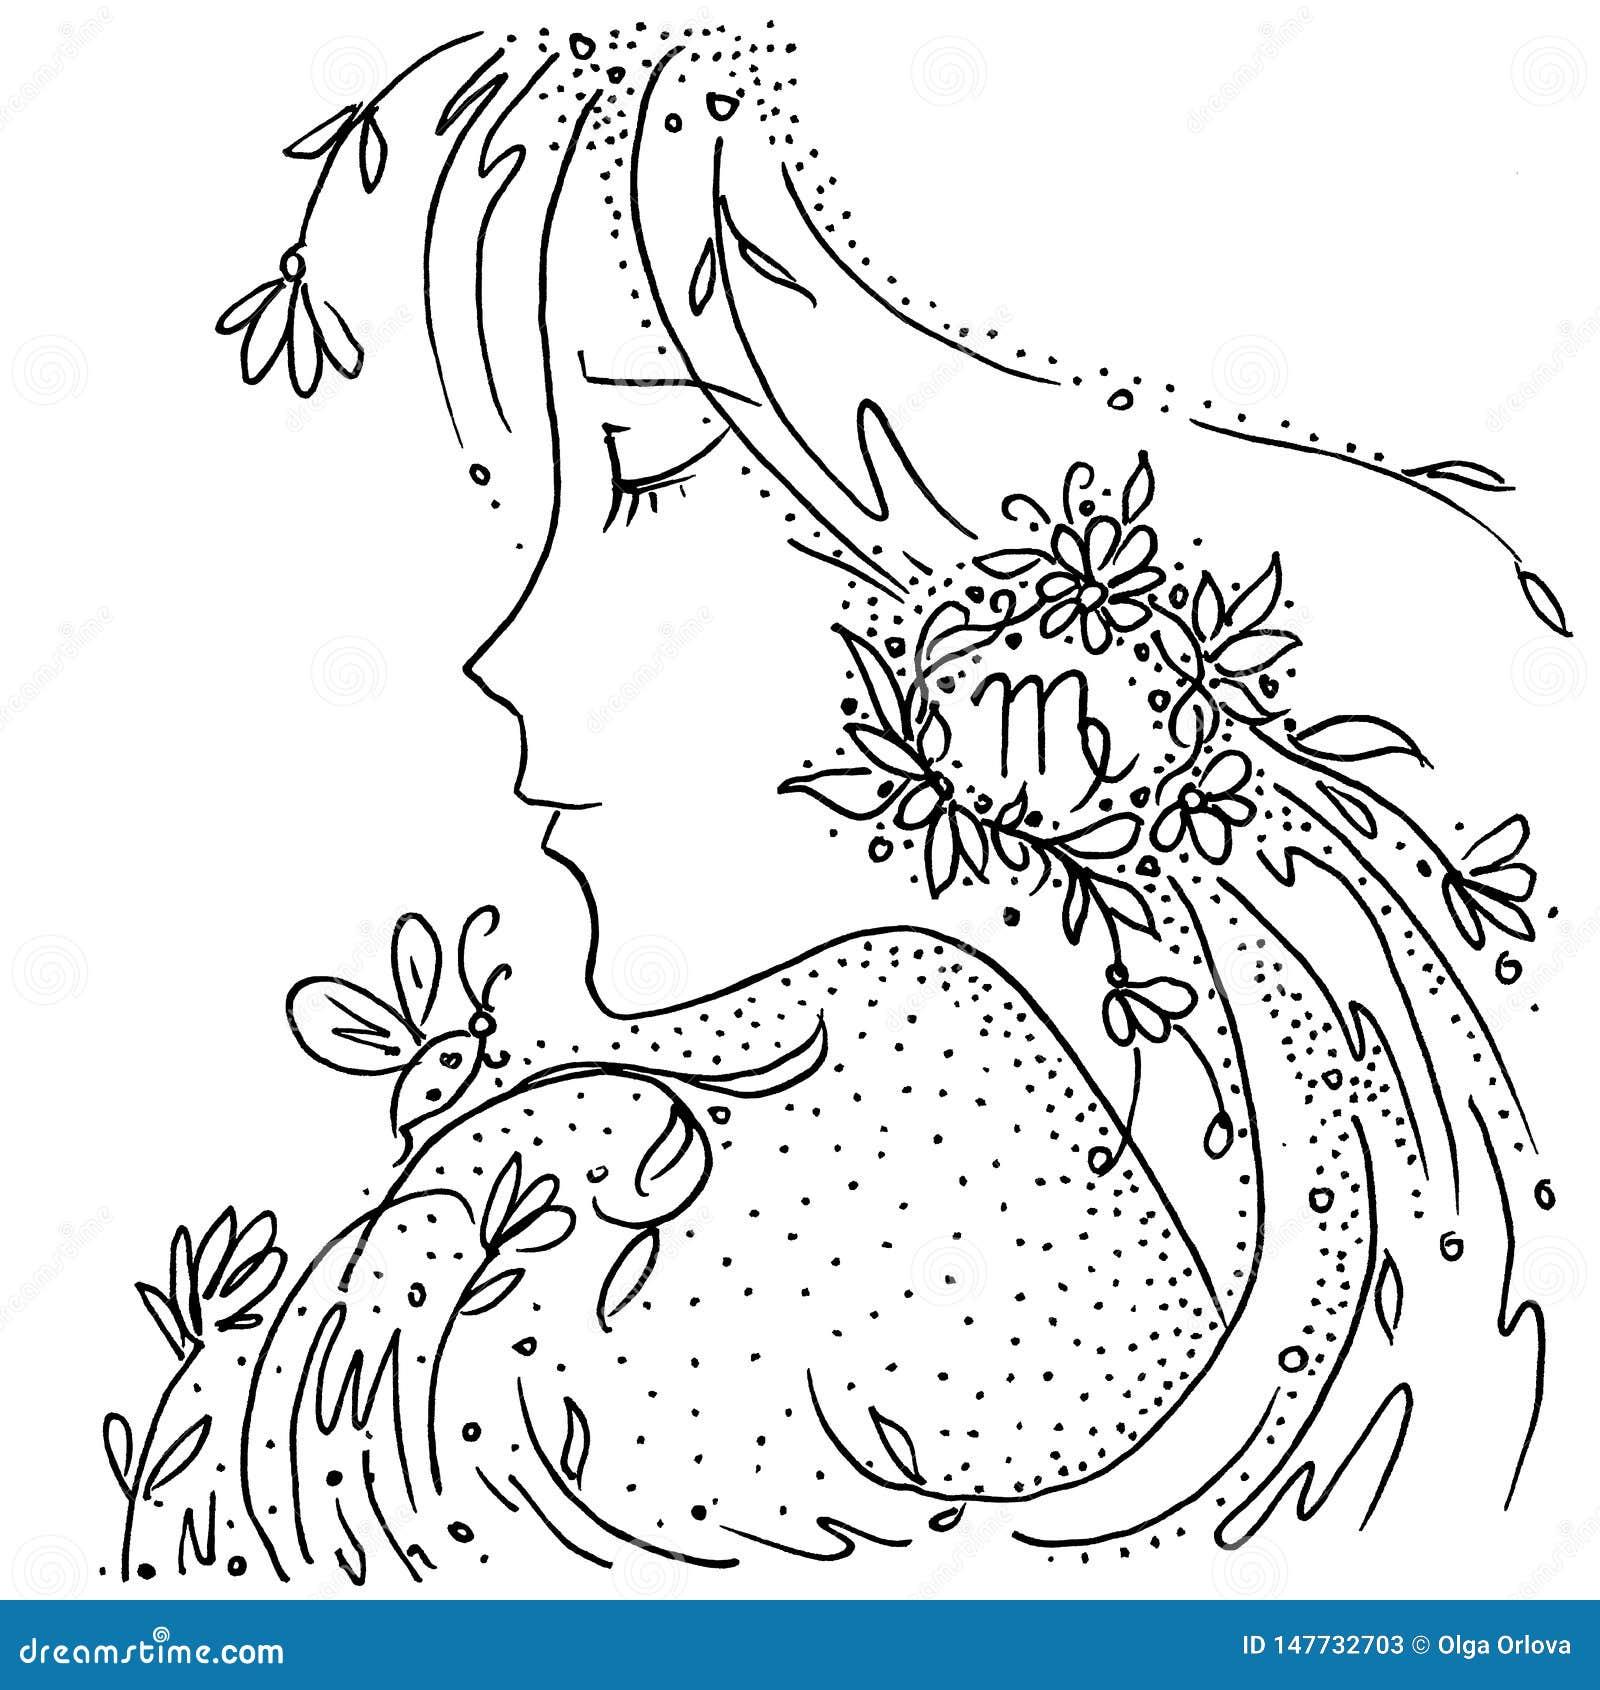 Zodiaka szyldowego Virgo czarny i biały rysunkowa dziewczyna z kwiatami i roślinami w jej włosy